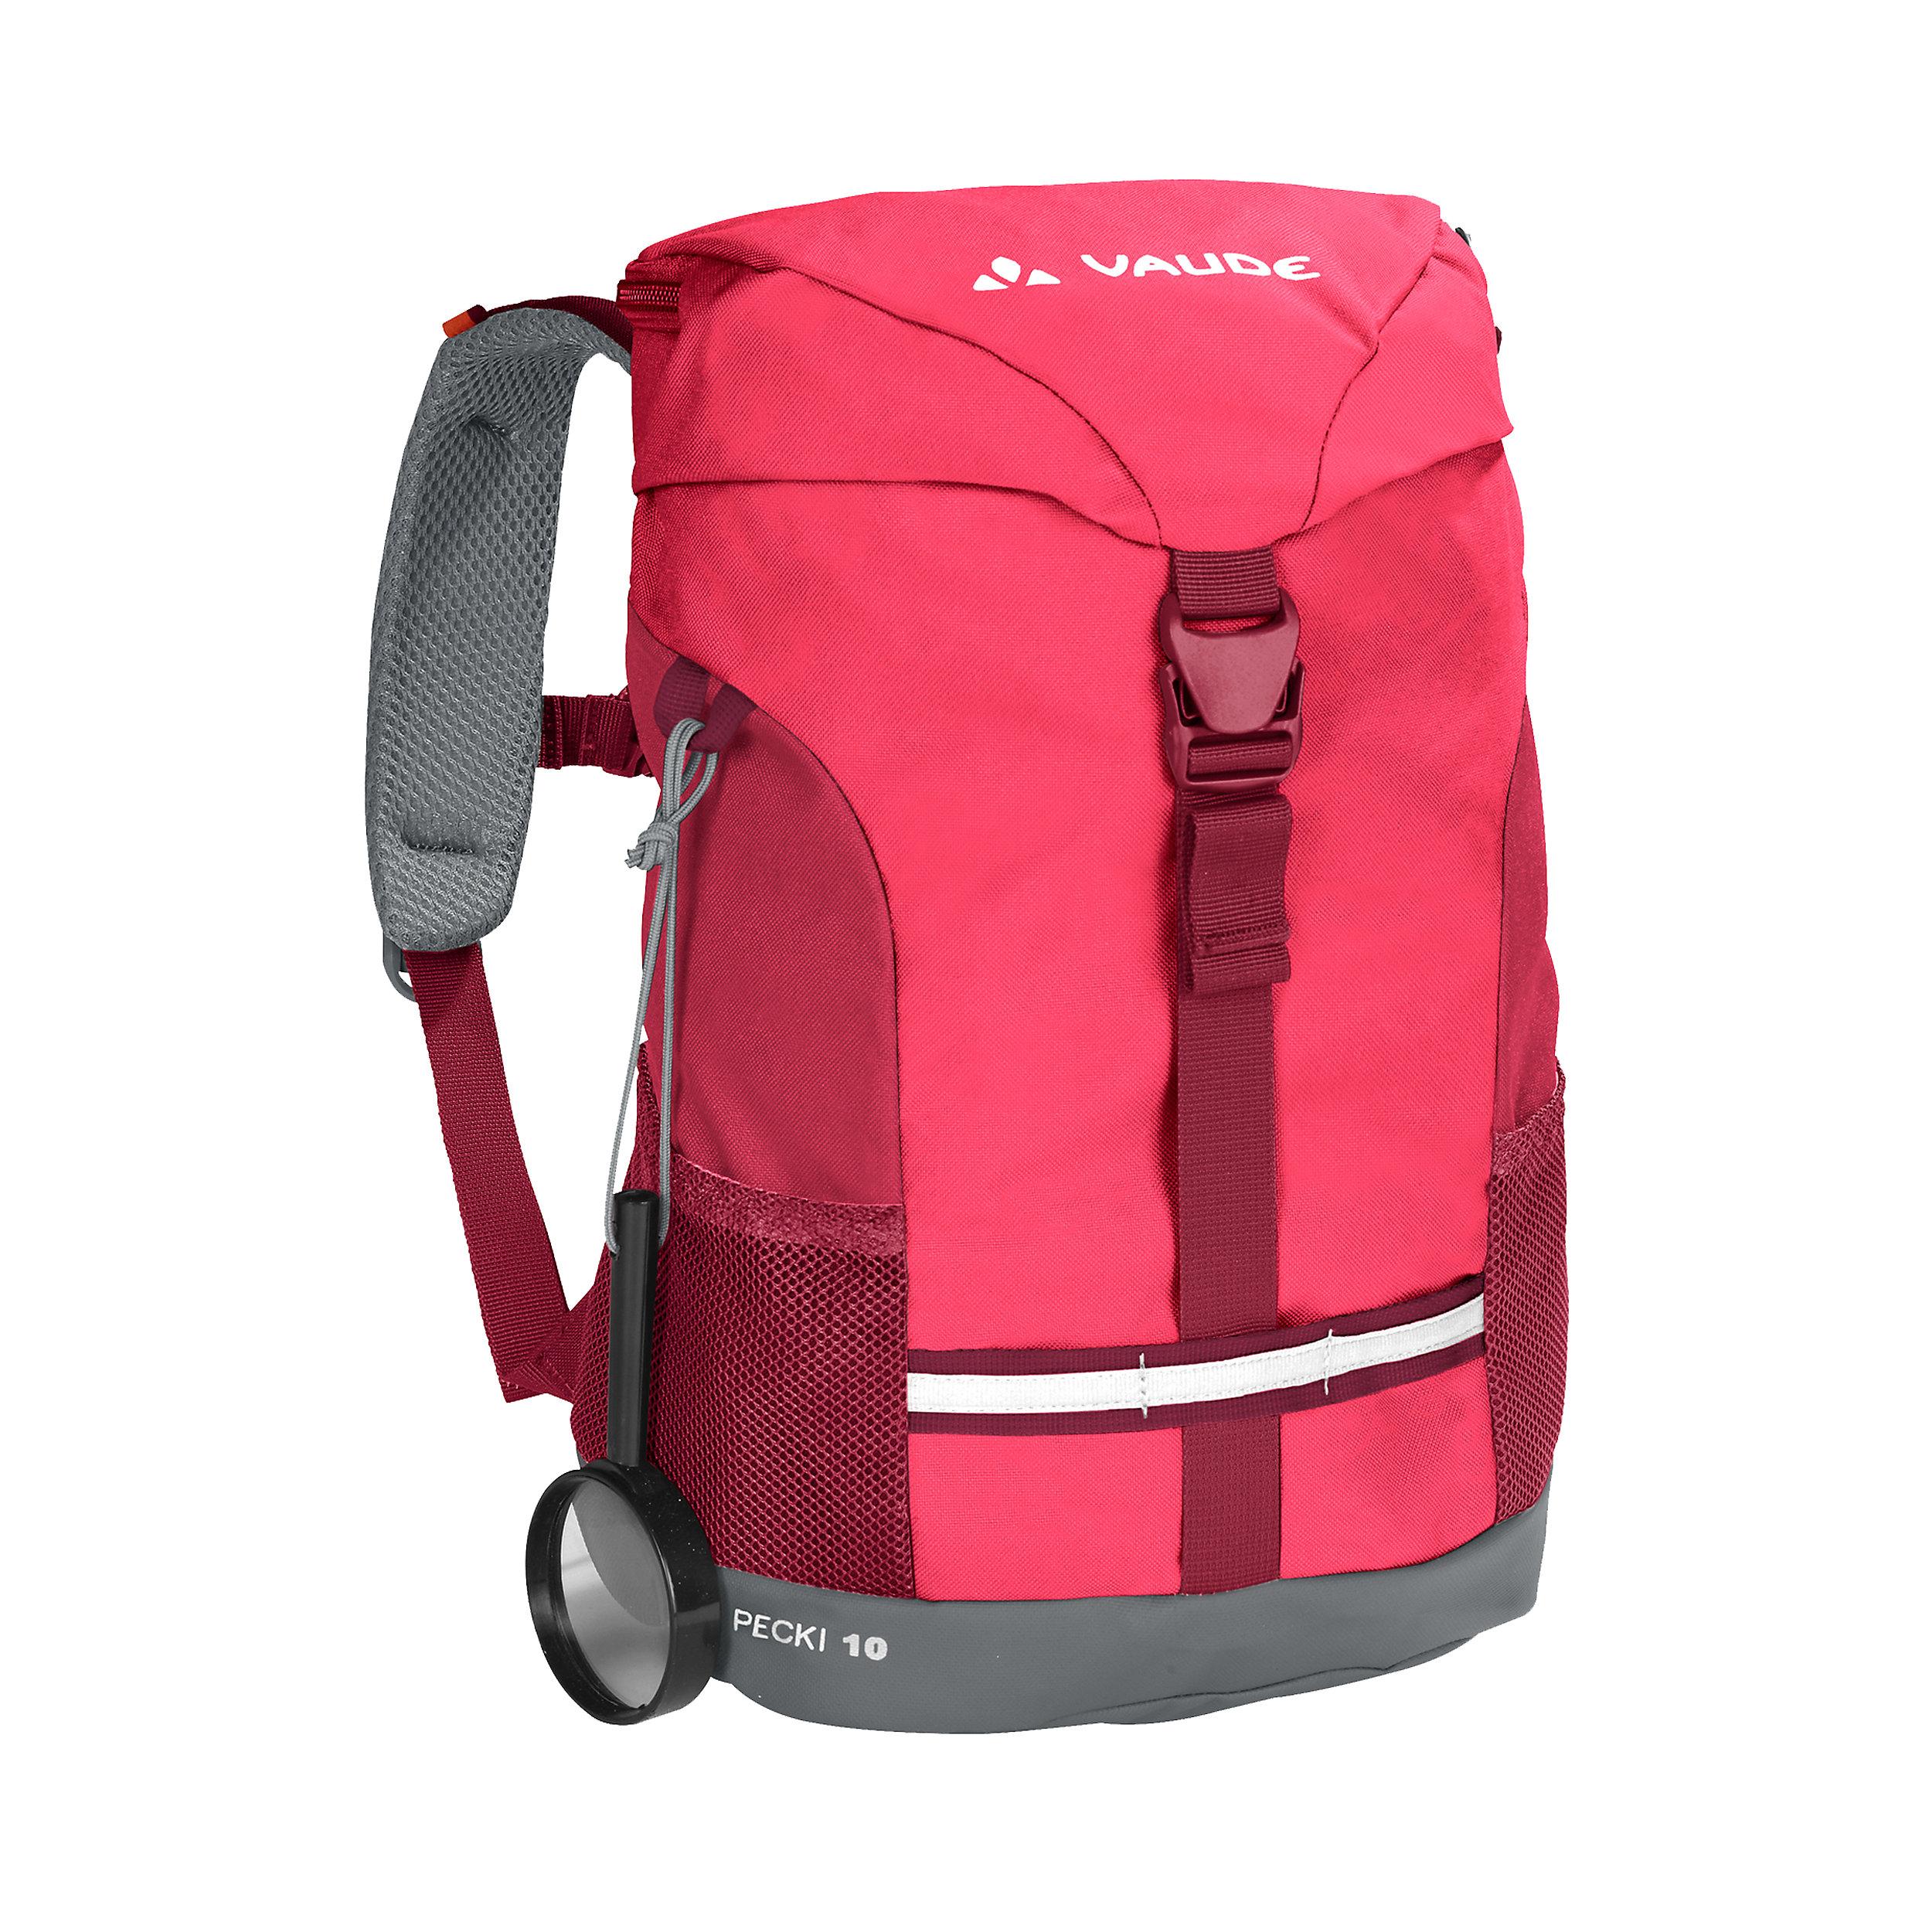 Children's Backpack Pecki 10 Family